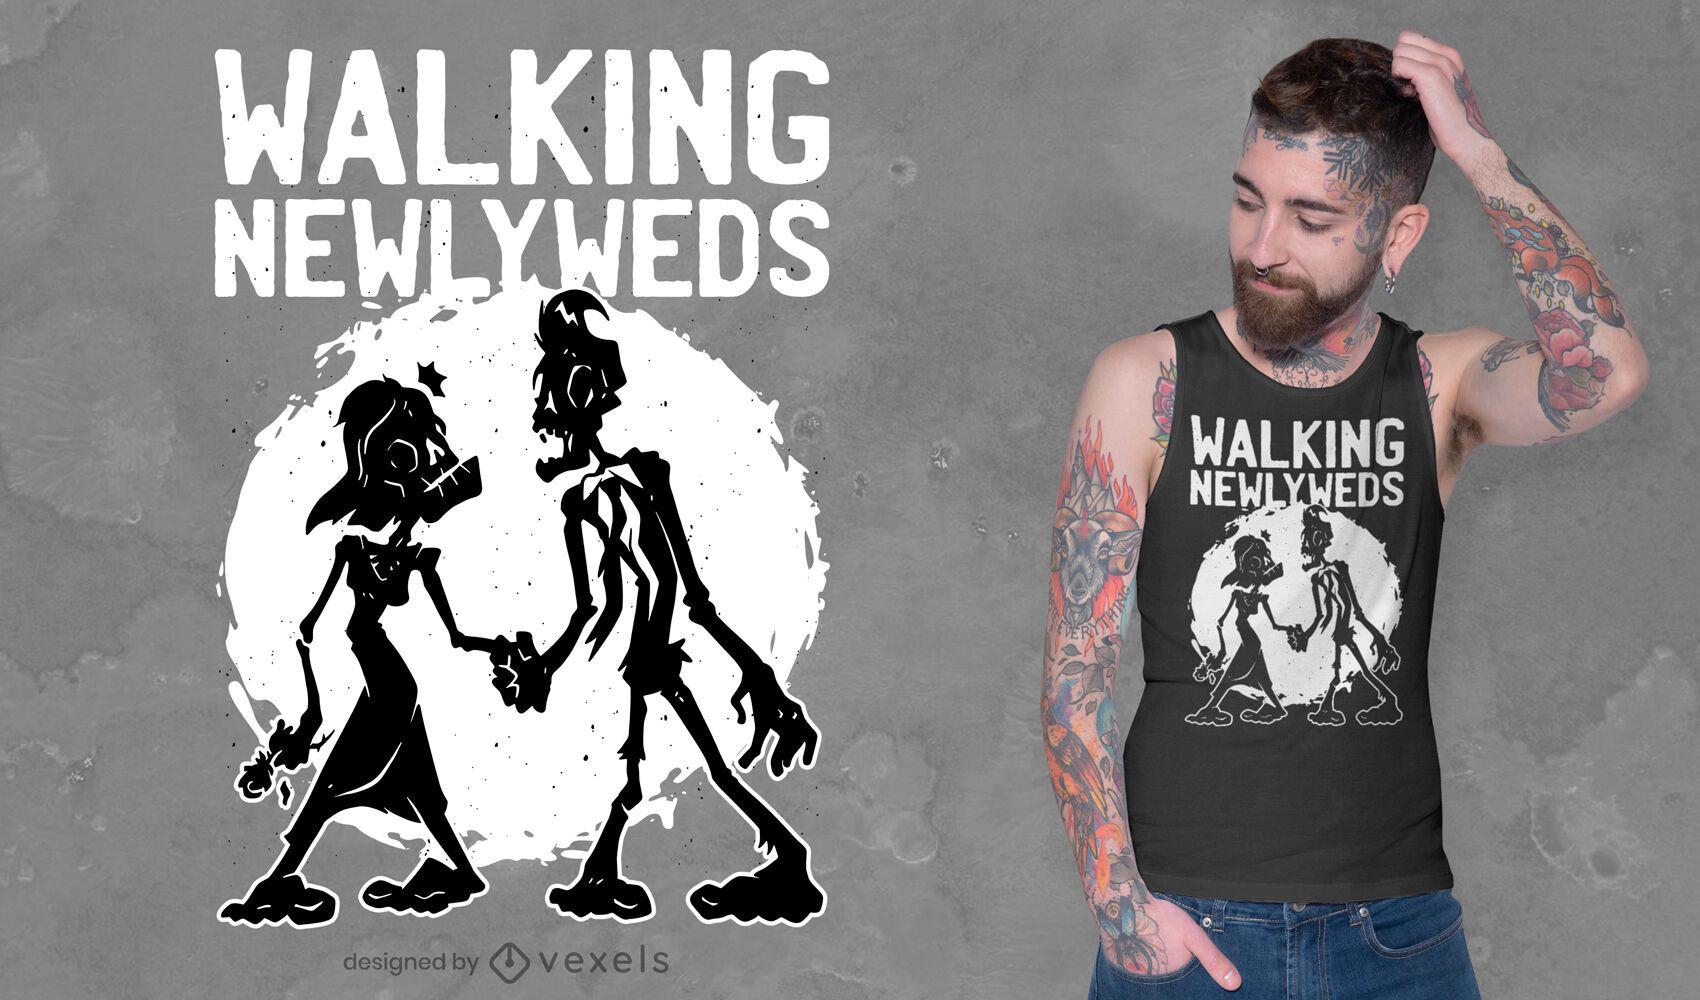 Dise?o de camiseta de reci?n casados caminando.